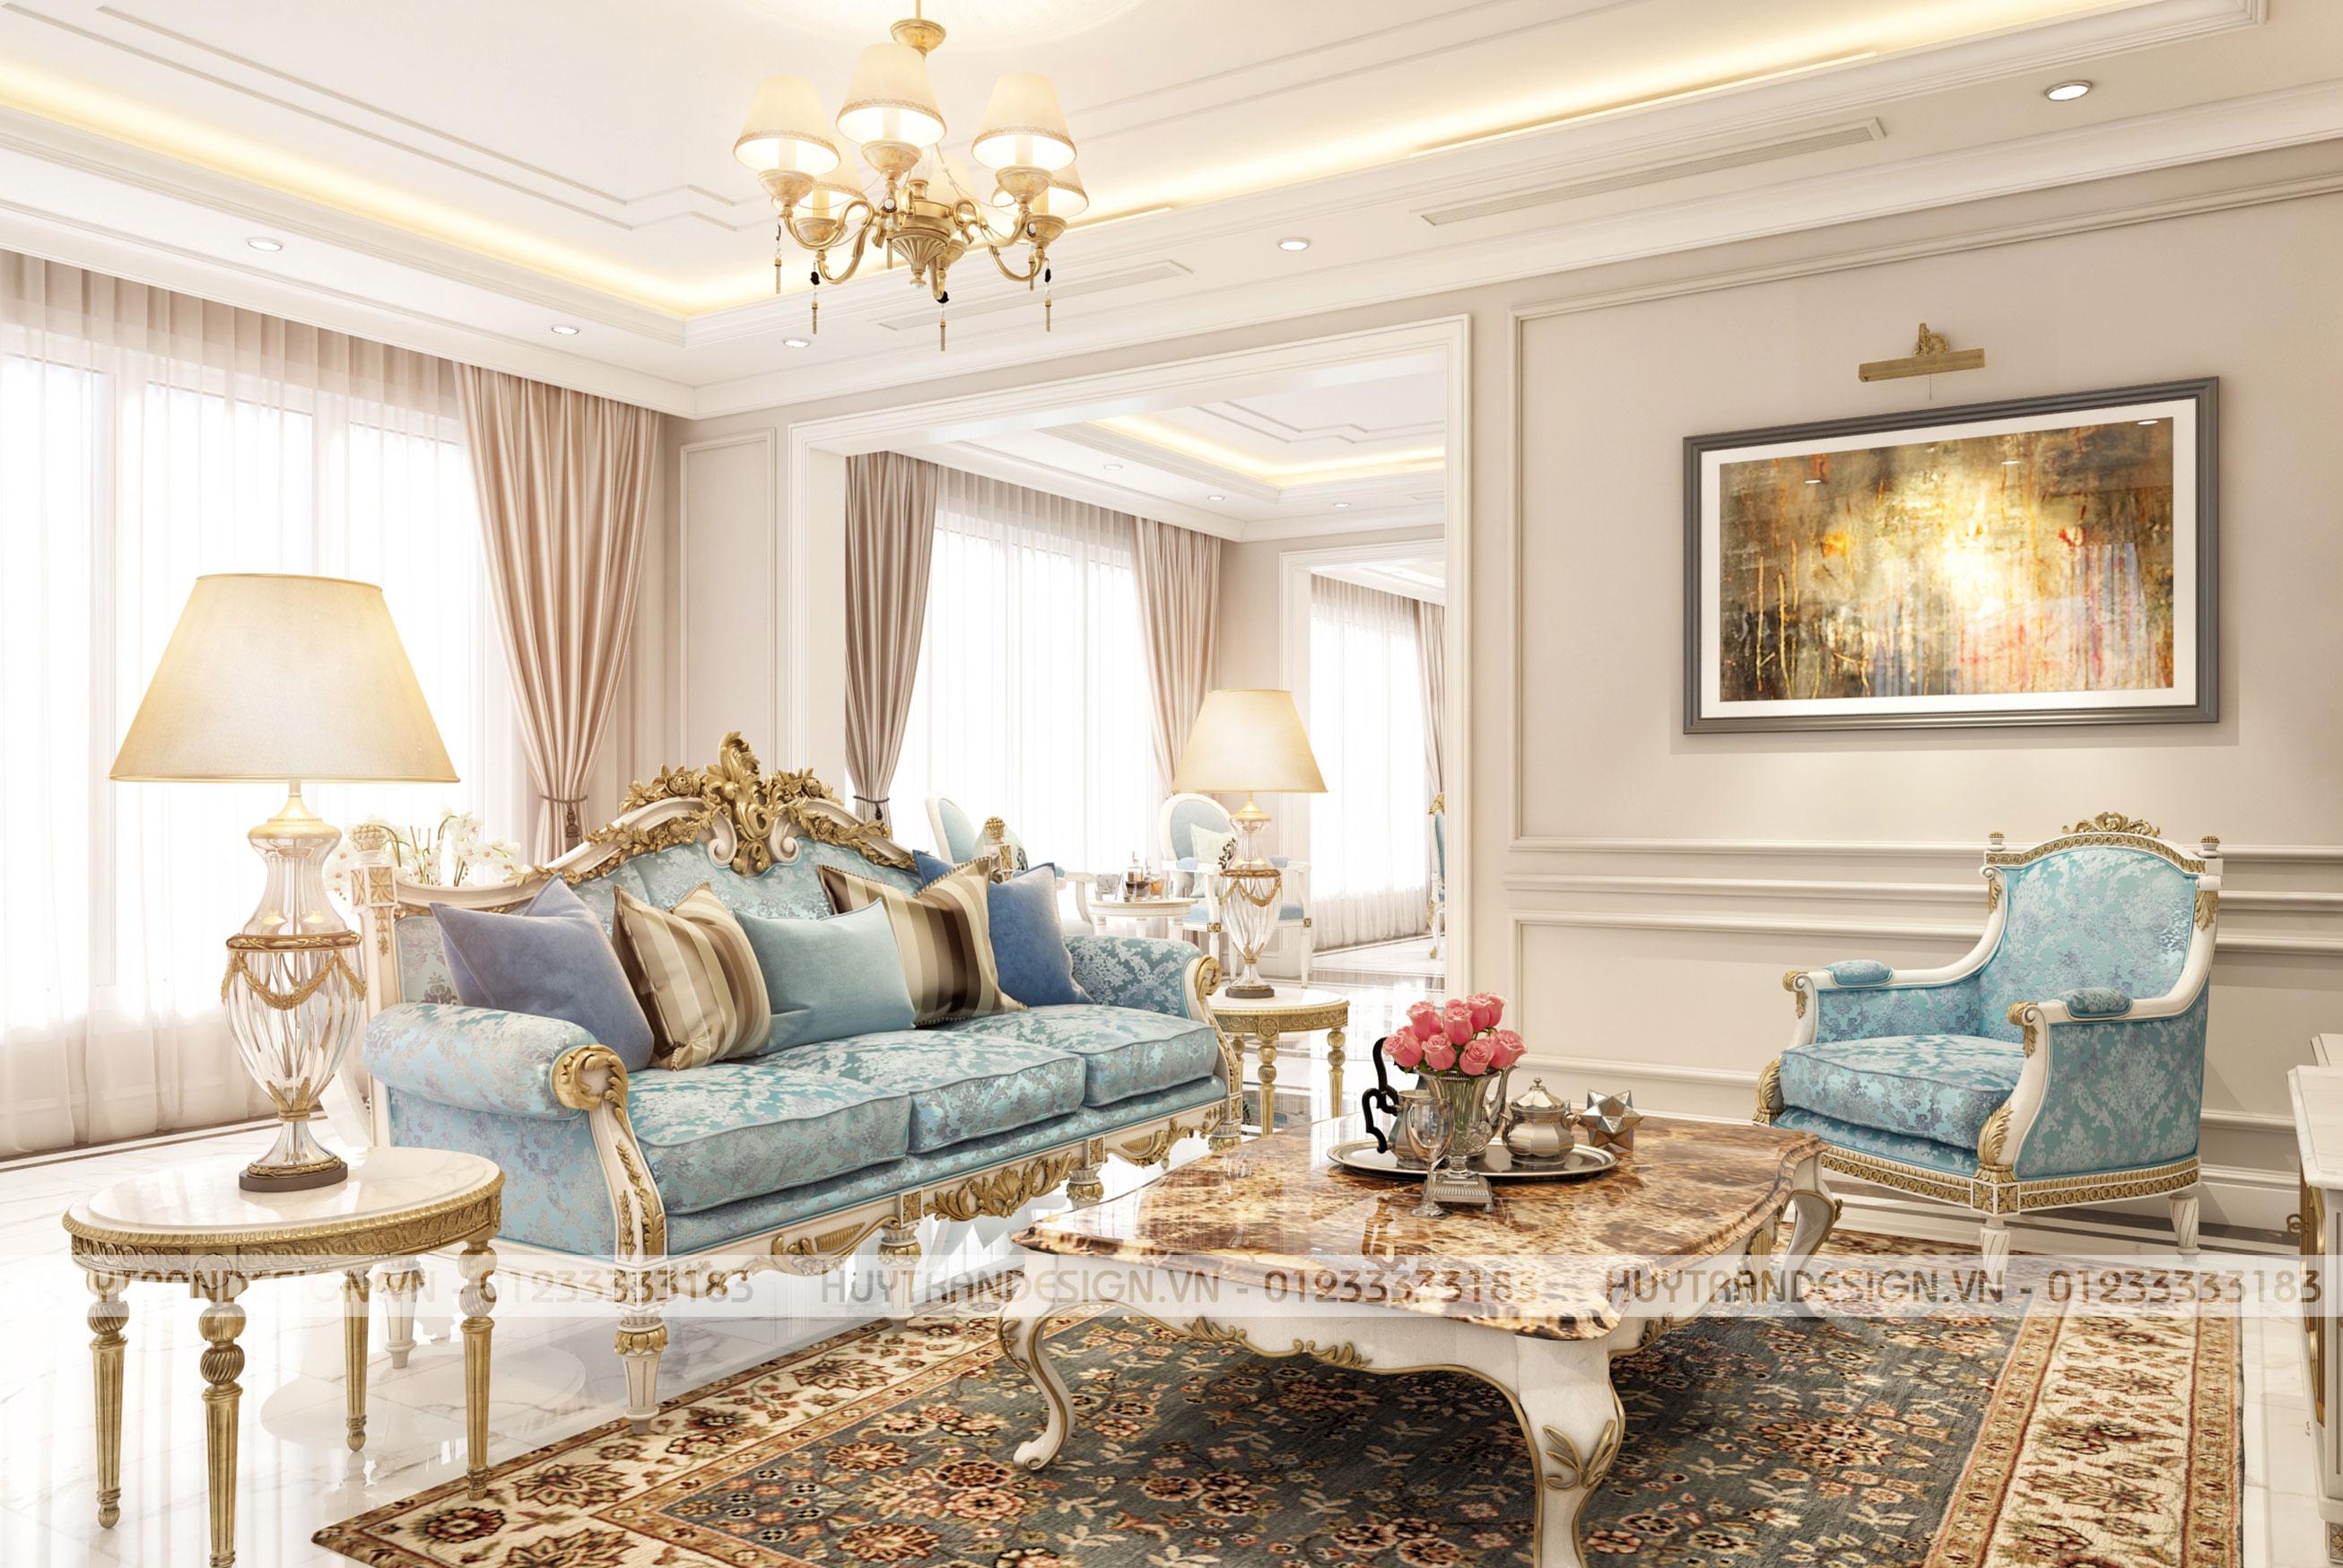 Mẫu thiết kế nội thất tân cổ điển biệt thự Nguyệt Quế cực tinh tế - Vinhomes The Harmony